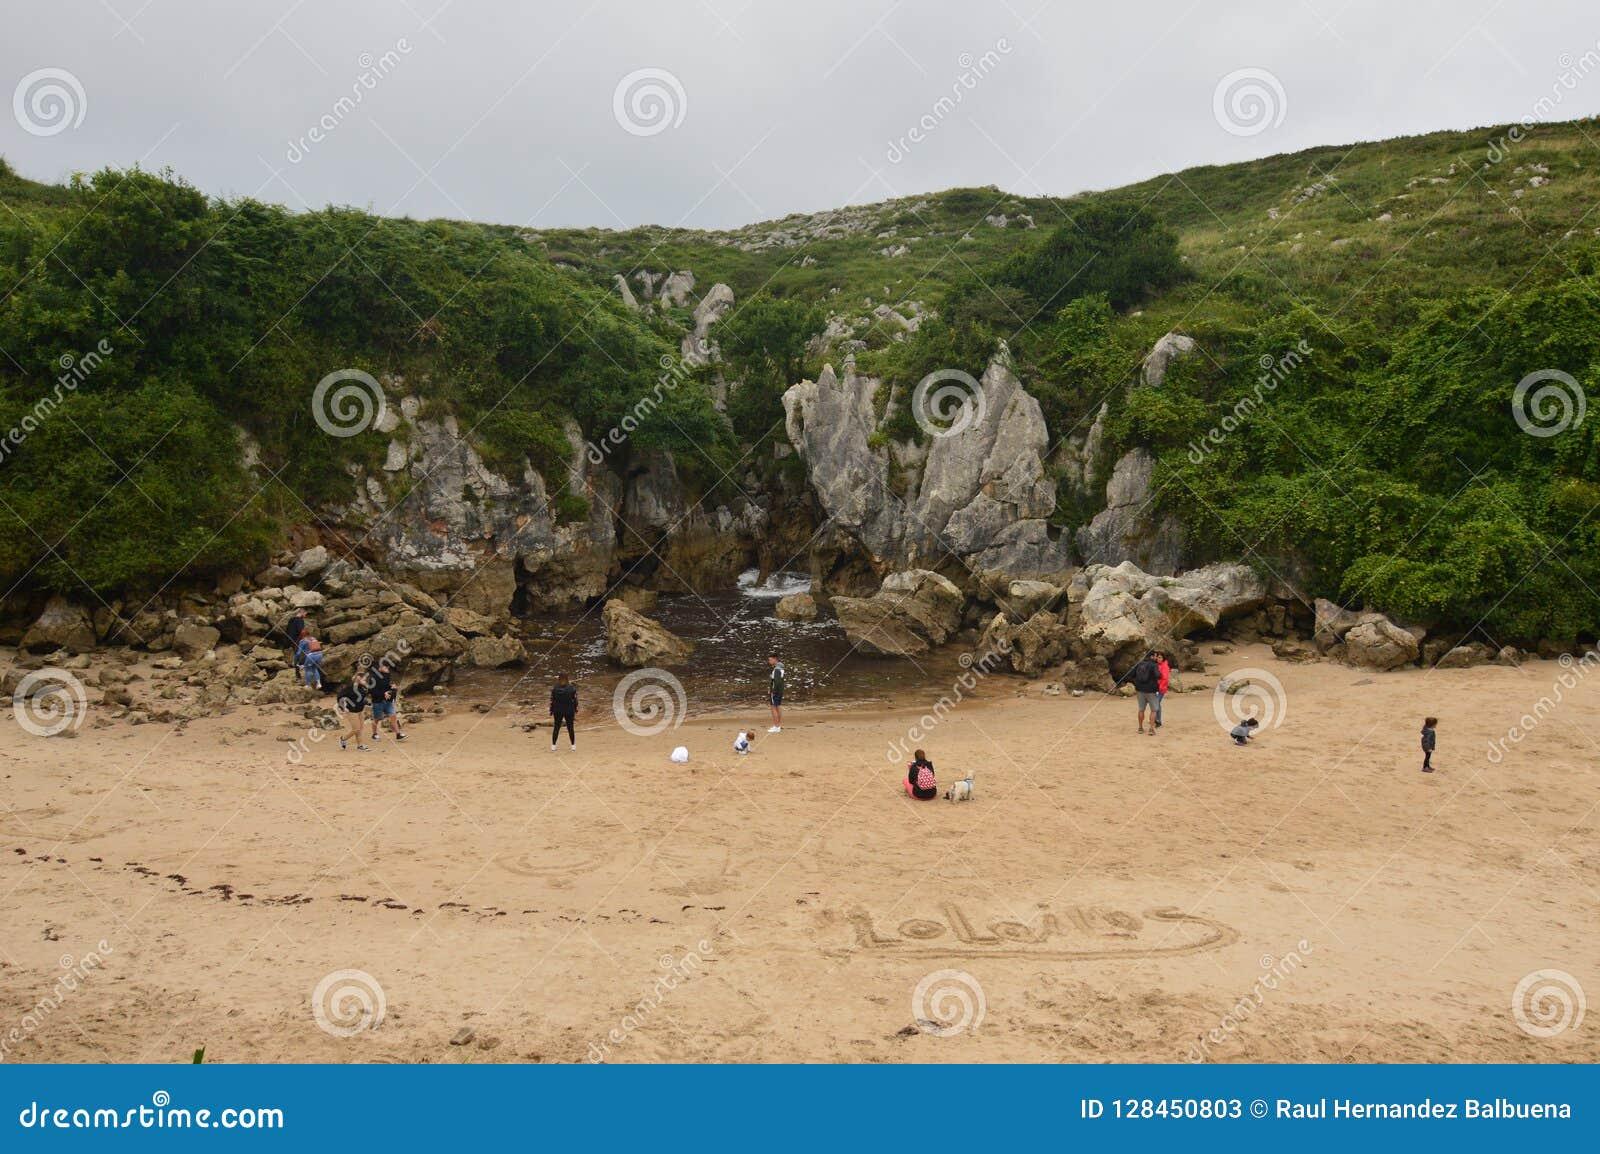 Bello Front Shot Of The Beach di Gulpiyuri nel Consiglio di Llanes Natura, viaggio, paesaggi, spiagge